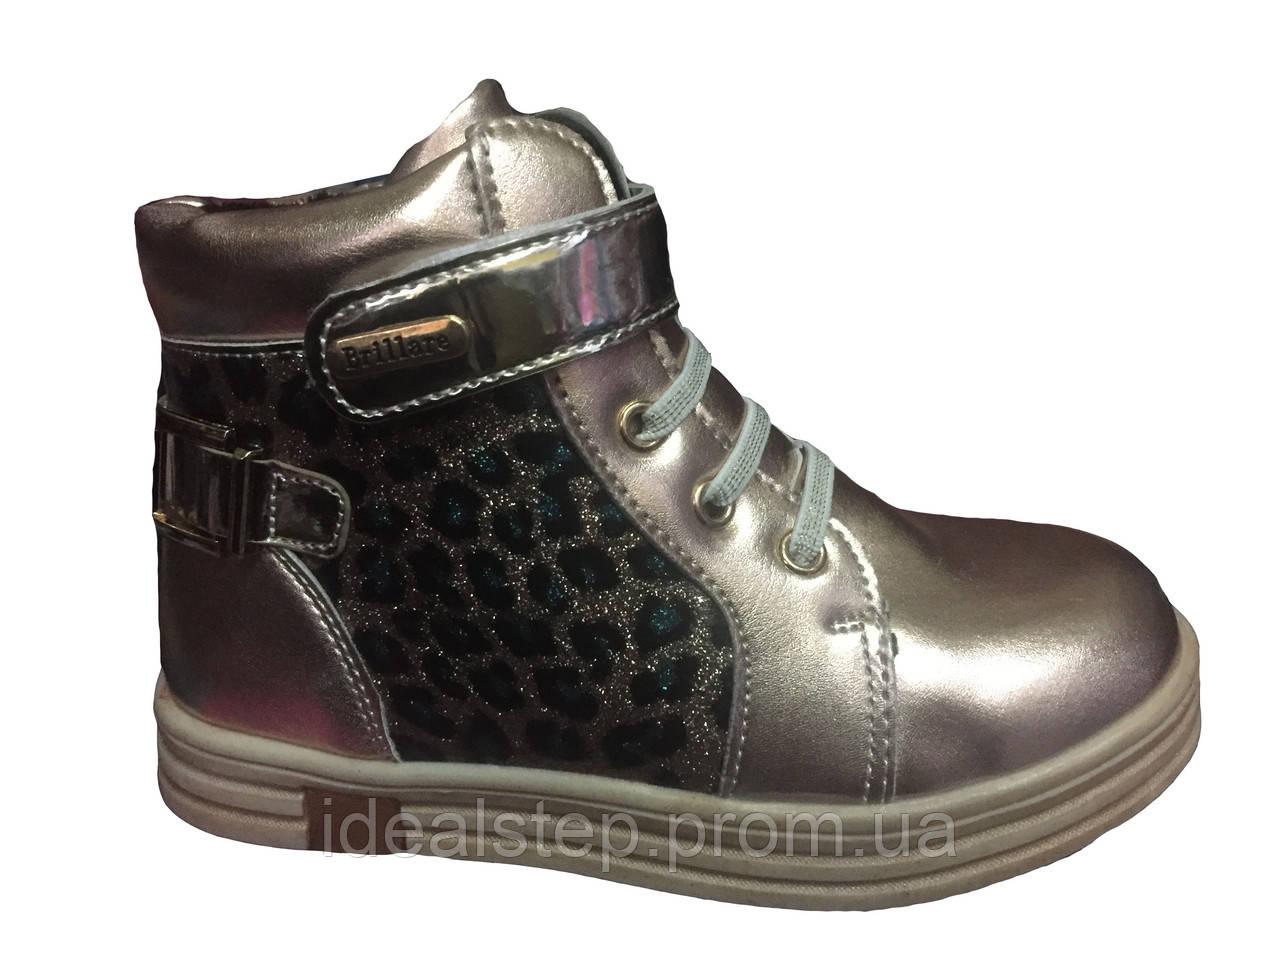 Ботинки для девочки,29, фото 1